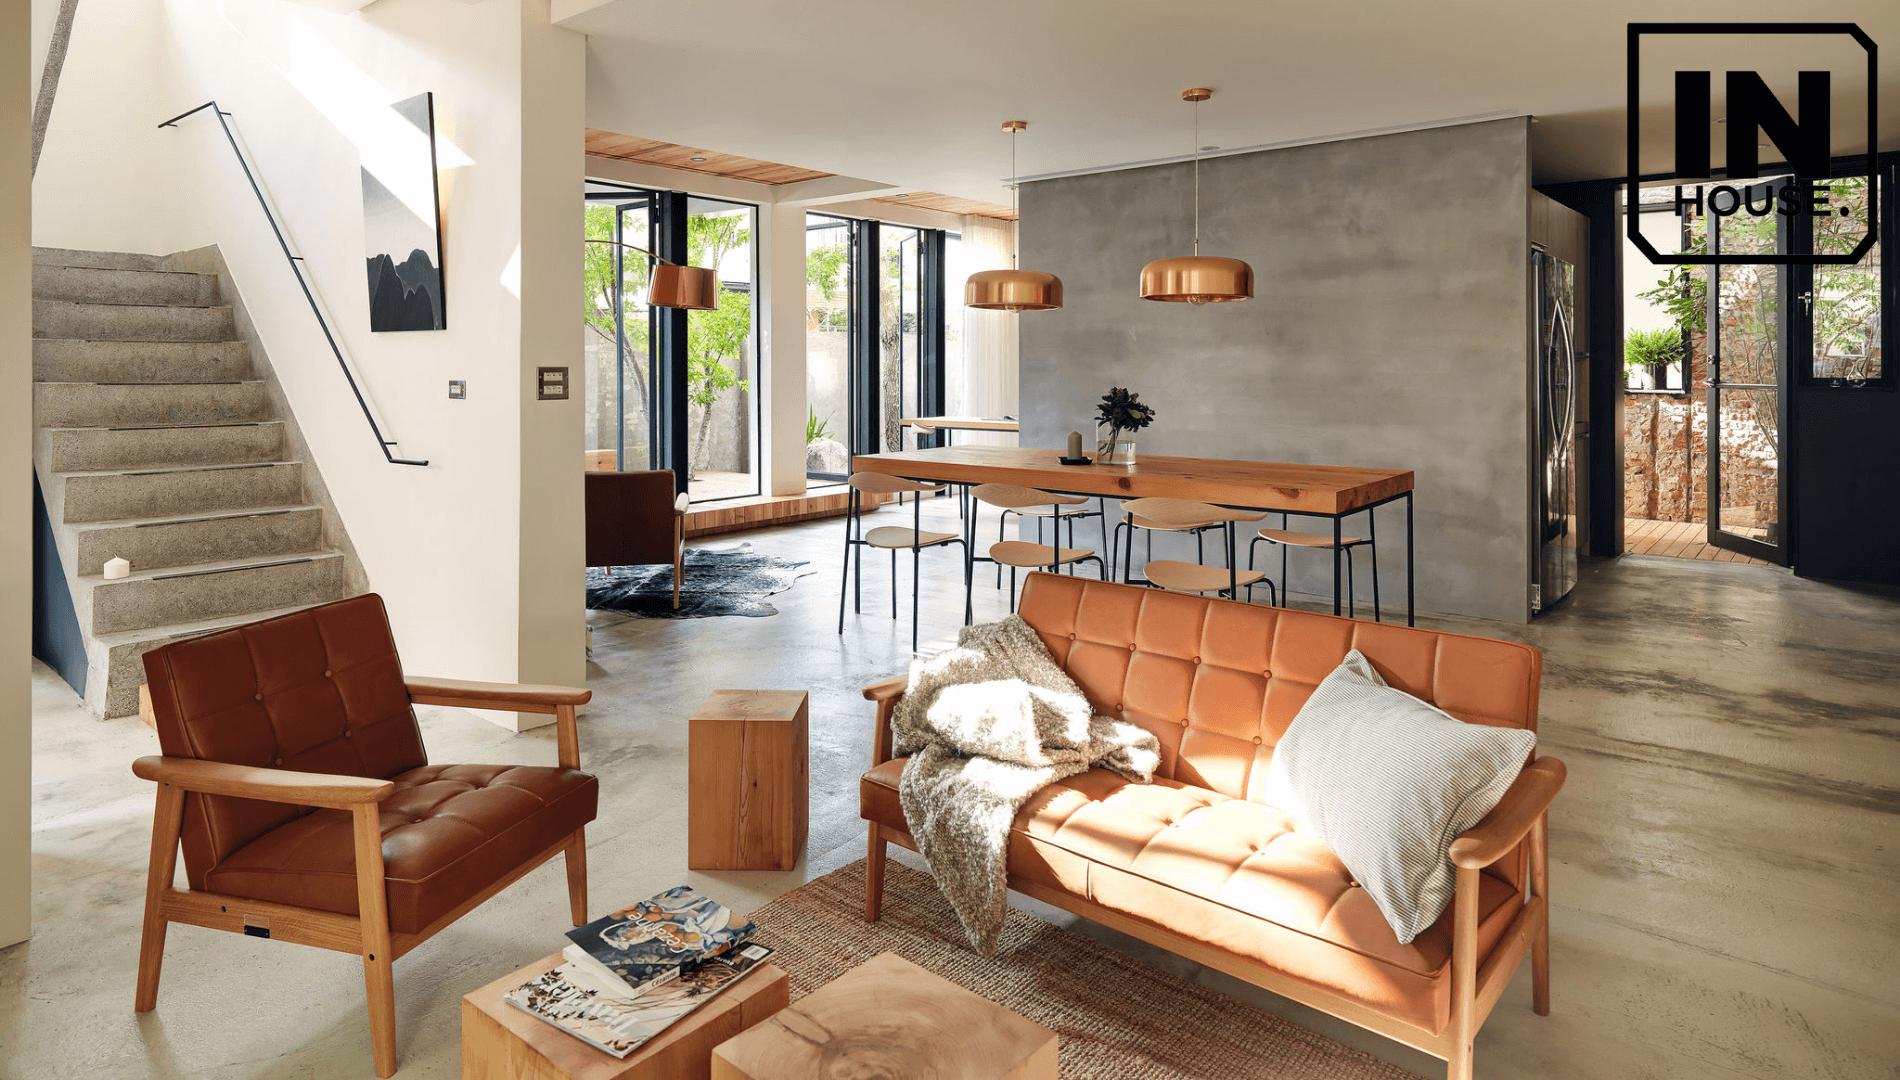 Làm nổi bật chất liệu gỗ trong gian nhà bạn